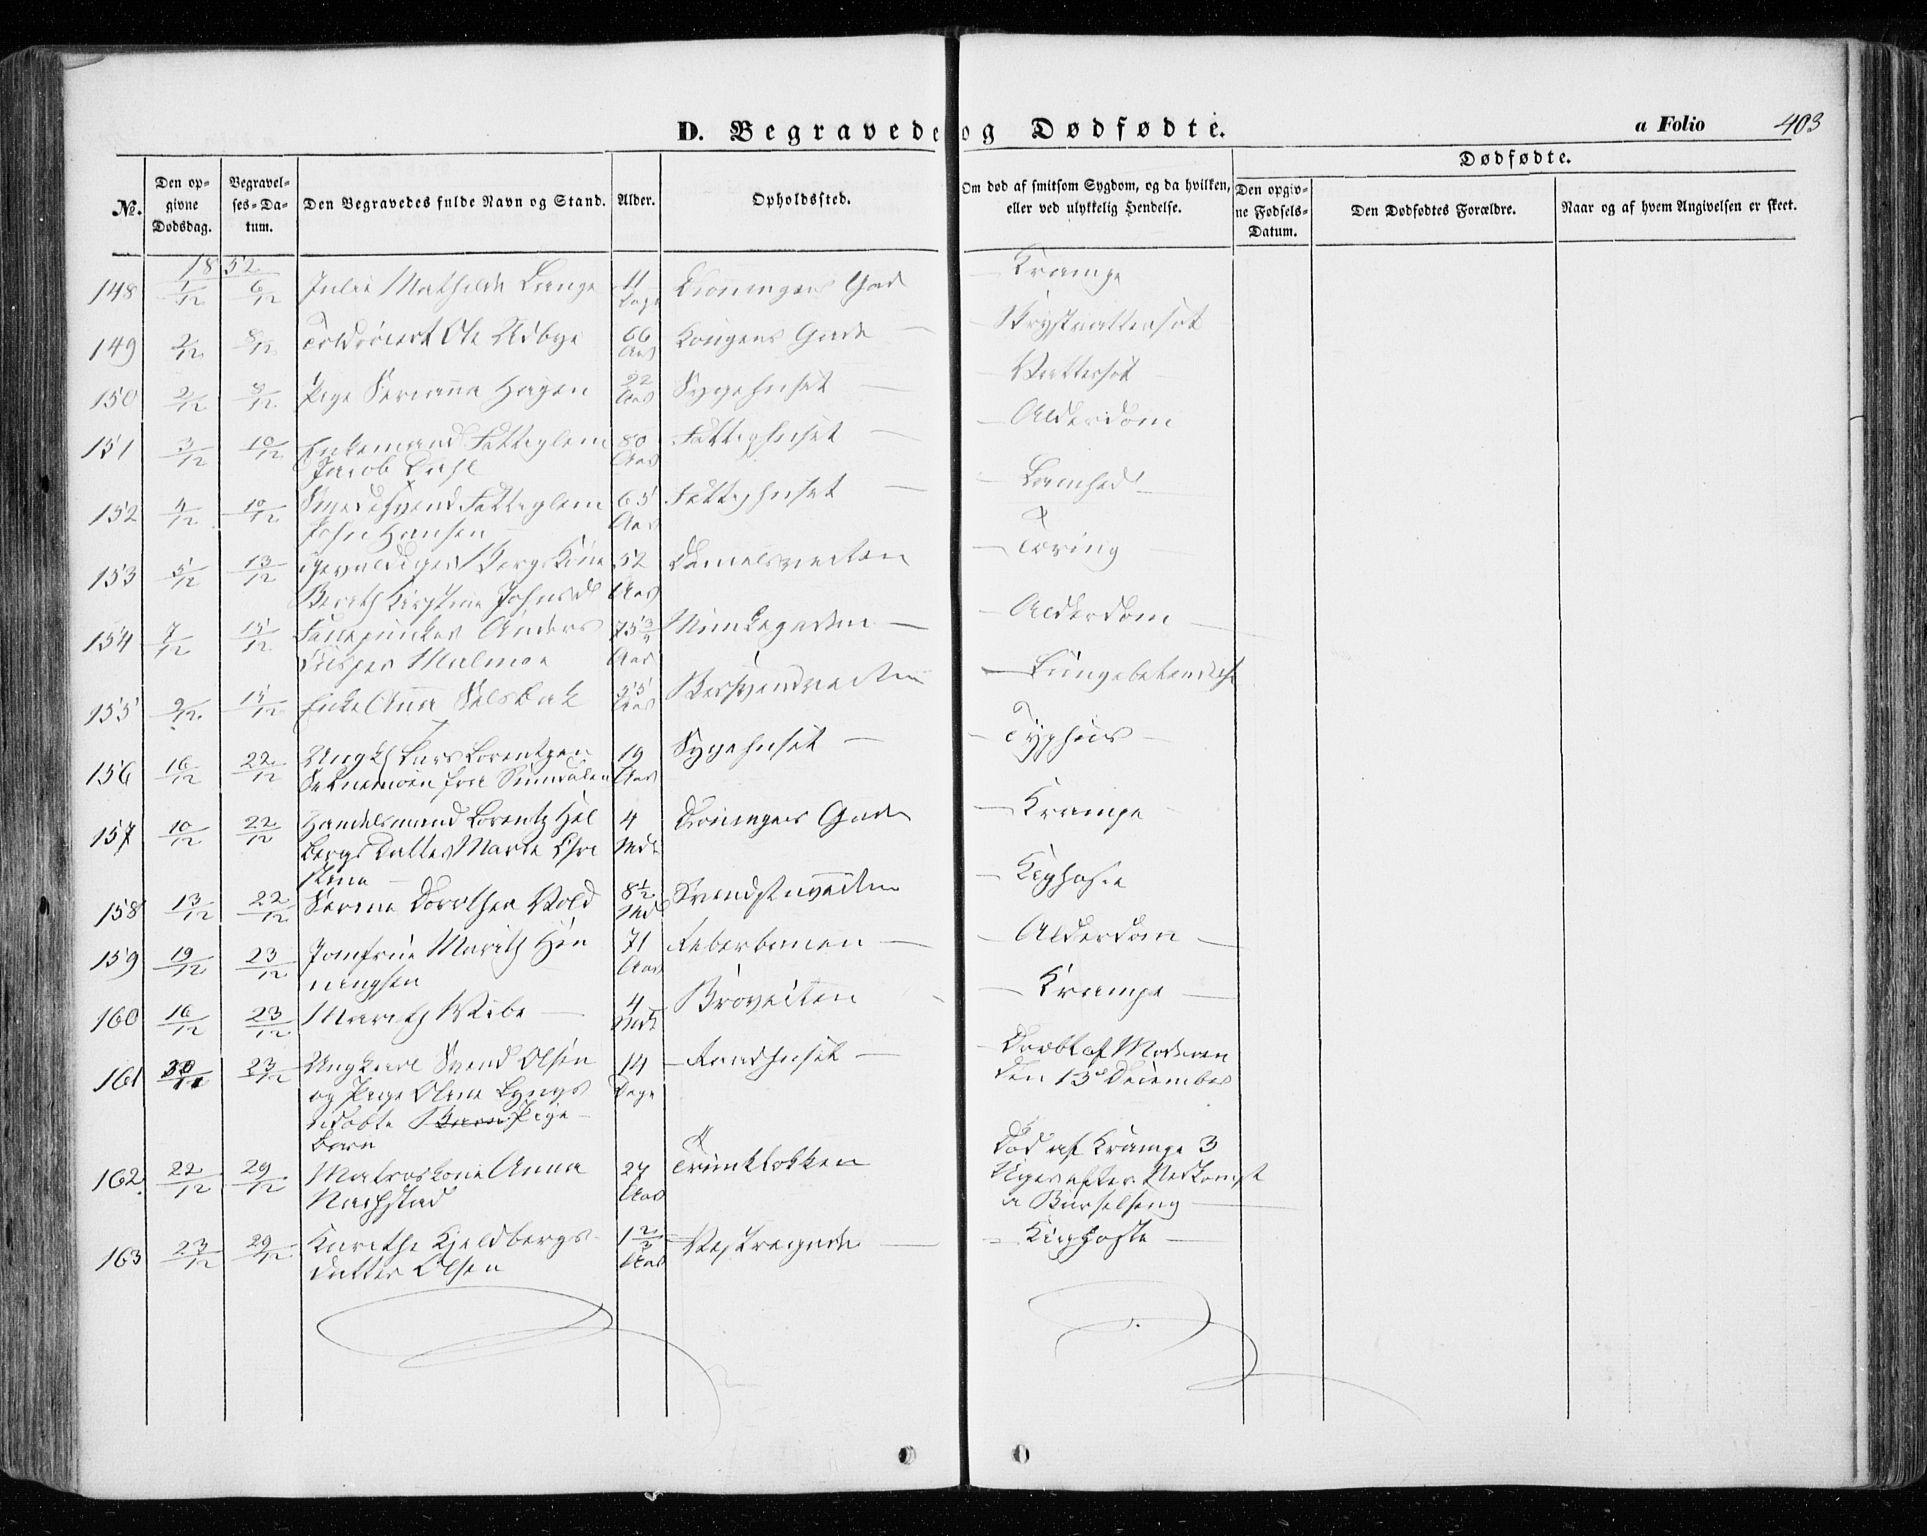 SAT, Ministerialprotokoller, klokkerbøker og fødselsregistre - Sør-Trøndelag, 601/L0051: Ministerialbok nr. 601A19, 1848-1857, s. 403